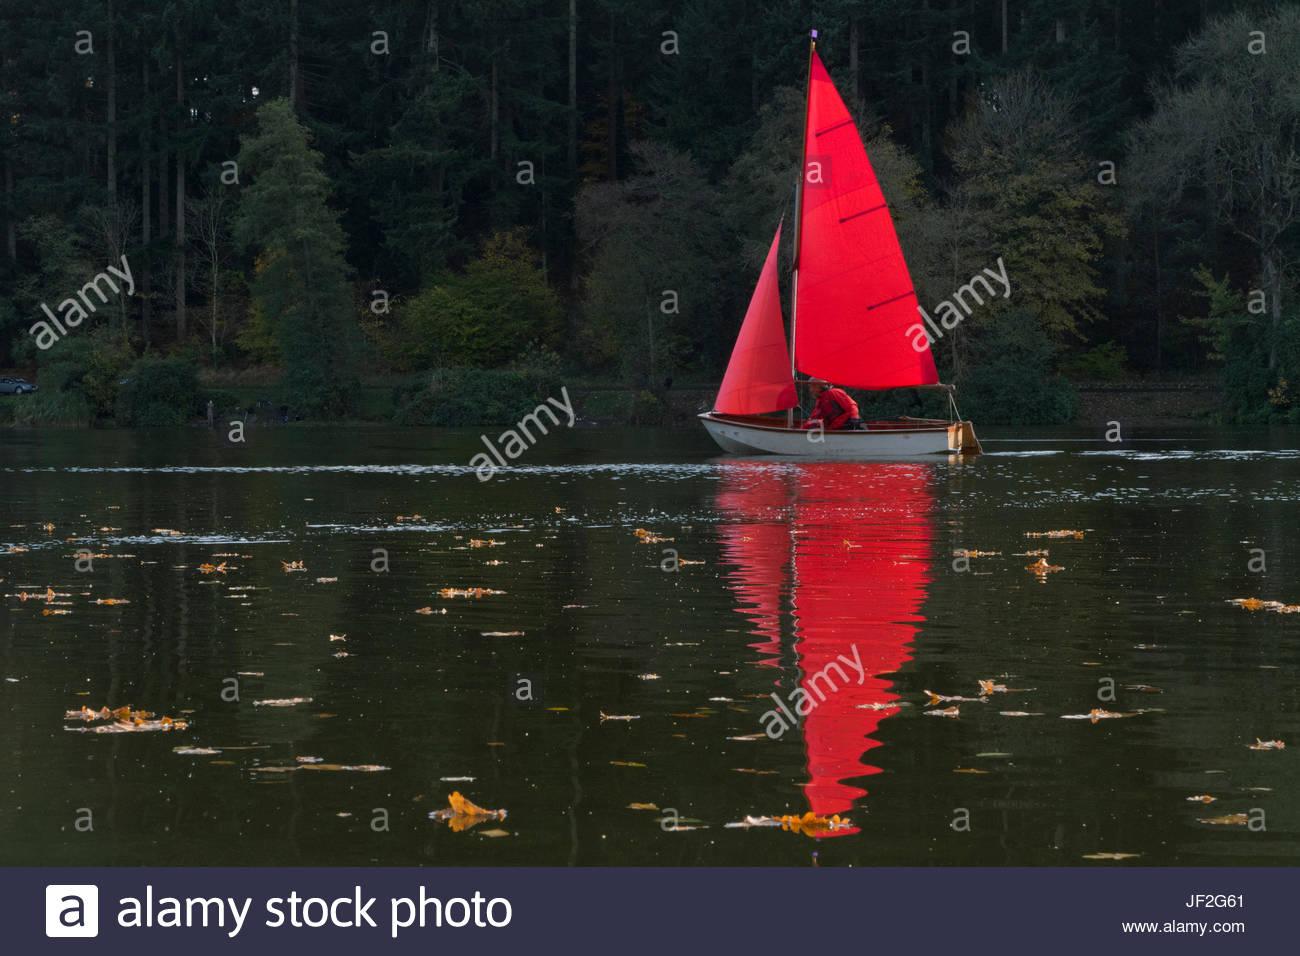 Mann Jolle mit roten Segel auf Herbst-See Stockbild